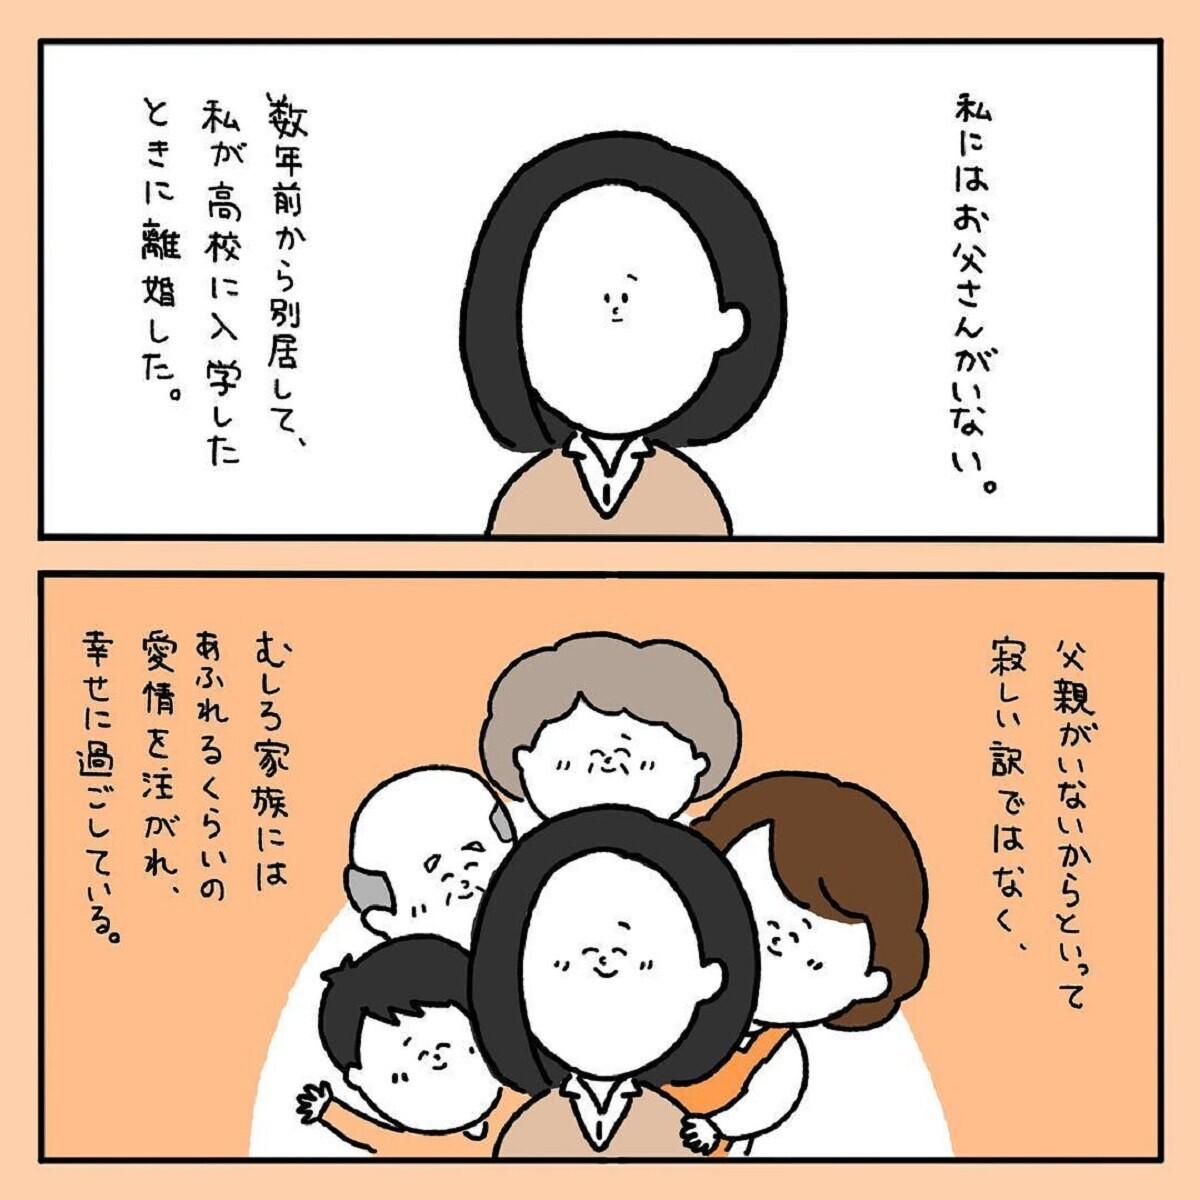 【スカッとする話】「片親の子はしつけされてない」先生の暴言…偏見に負けそうになったとき【みんなの〇〇な話 Vol.22】